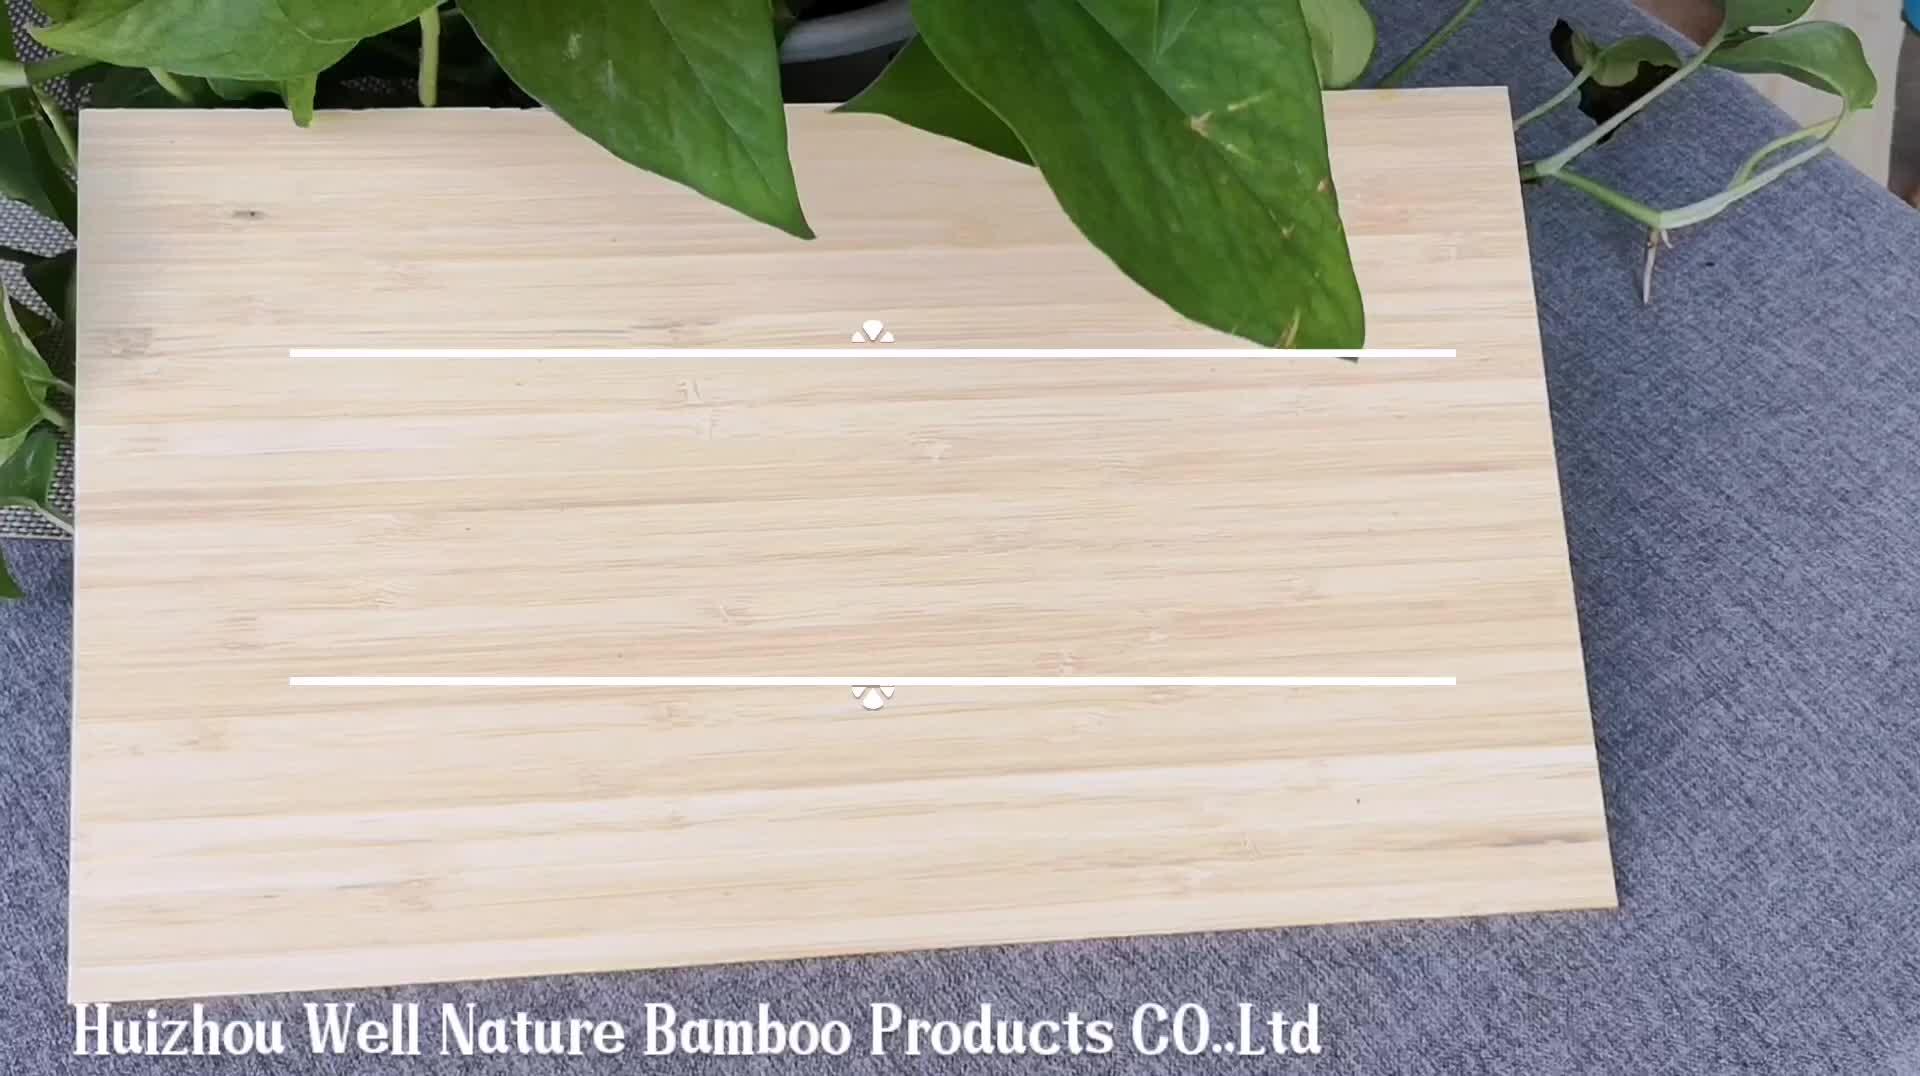 Contreplaqué Bambou 3 Mm feuille de contreplaqué de bambou stratifié de 1.5mm 2mm 3mm 4mm 5mm 6mm -  buy contreplaqué de bambou 1.5mm 2mm 3mm 4mm 5mm 6mm,feuille de bois de